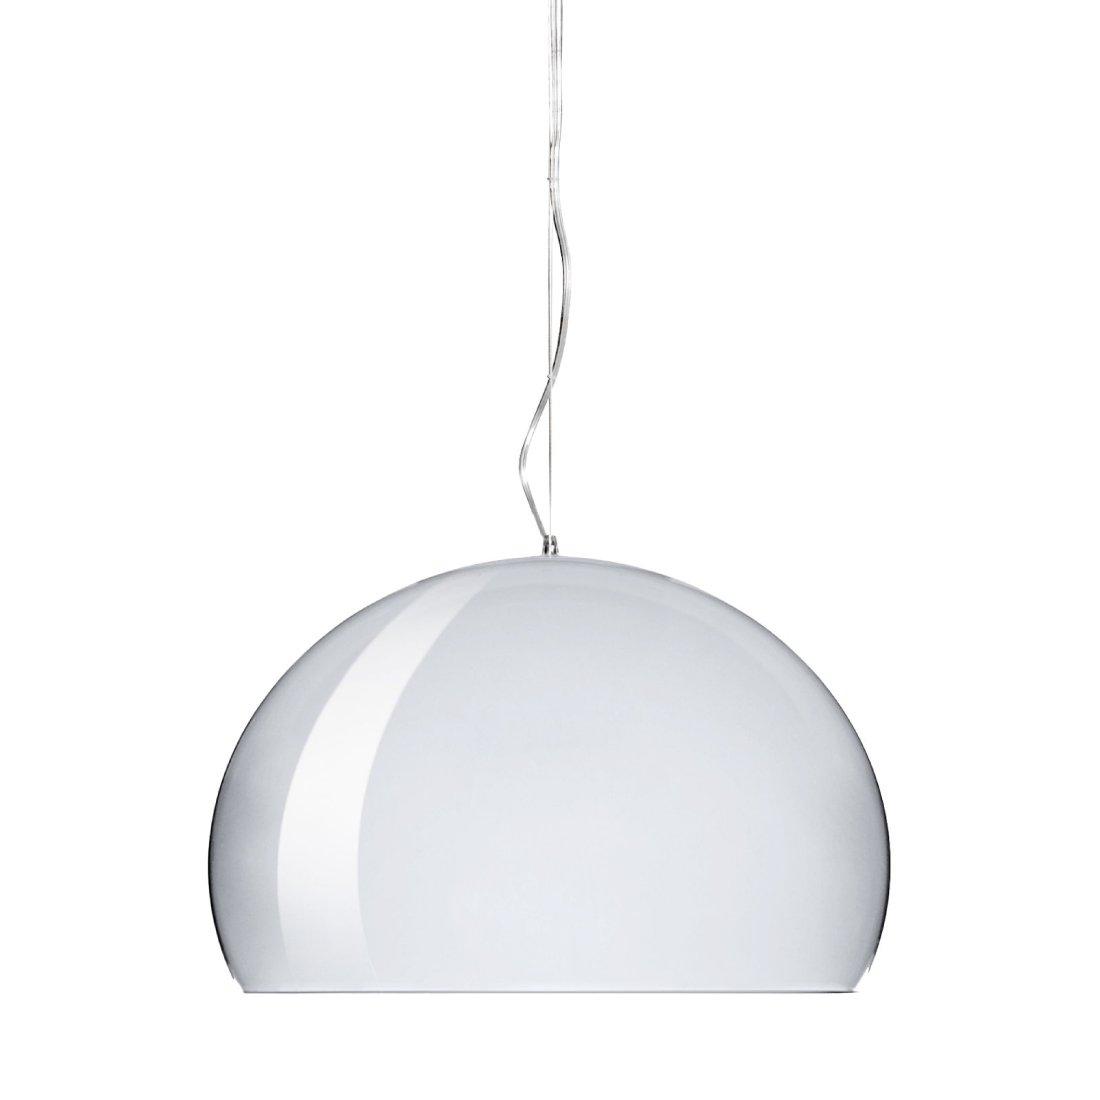 Kartell Fly Hanglamp Chroom